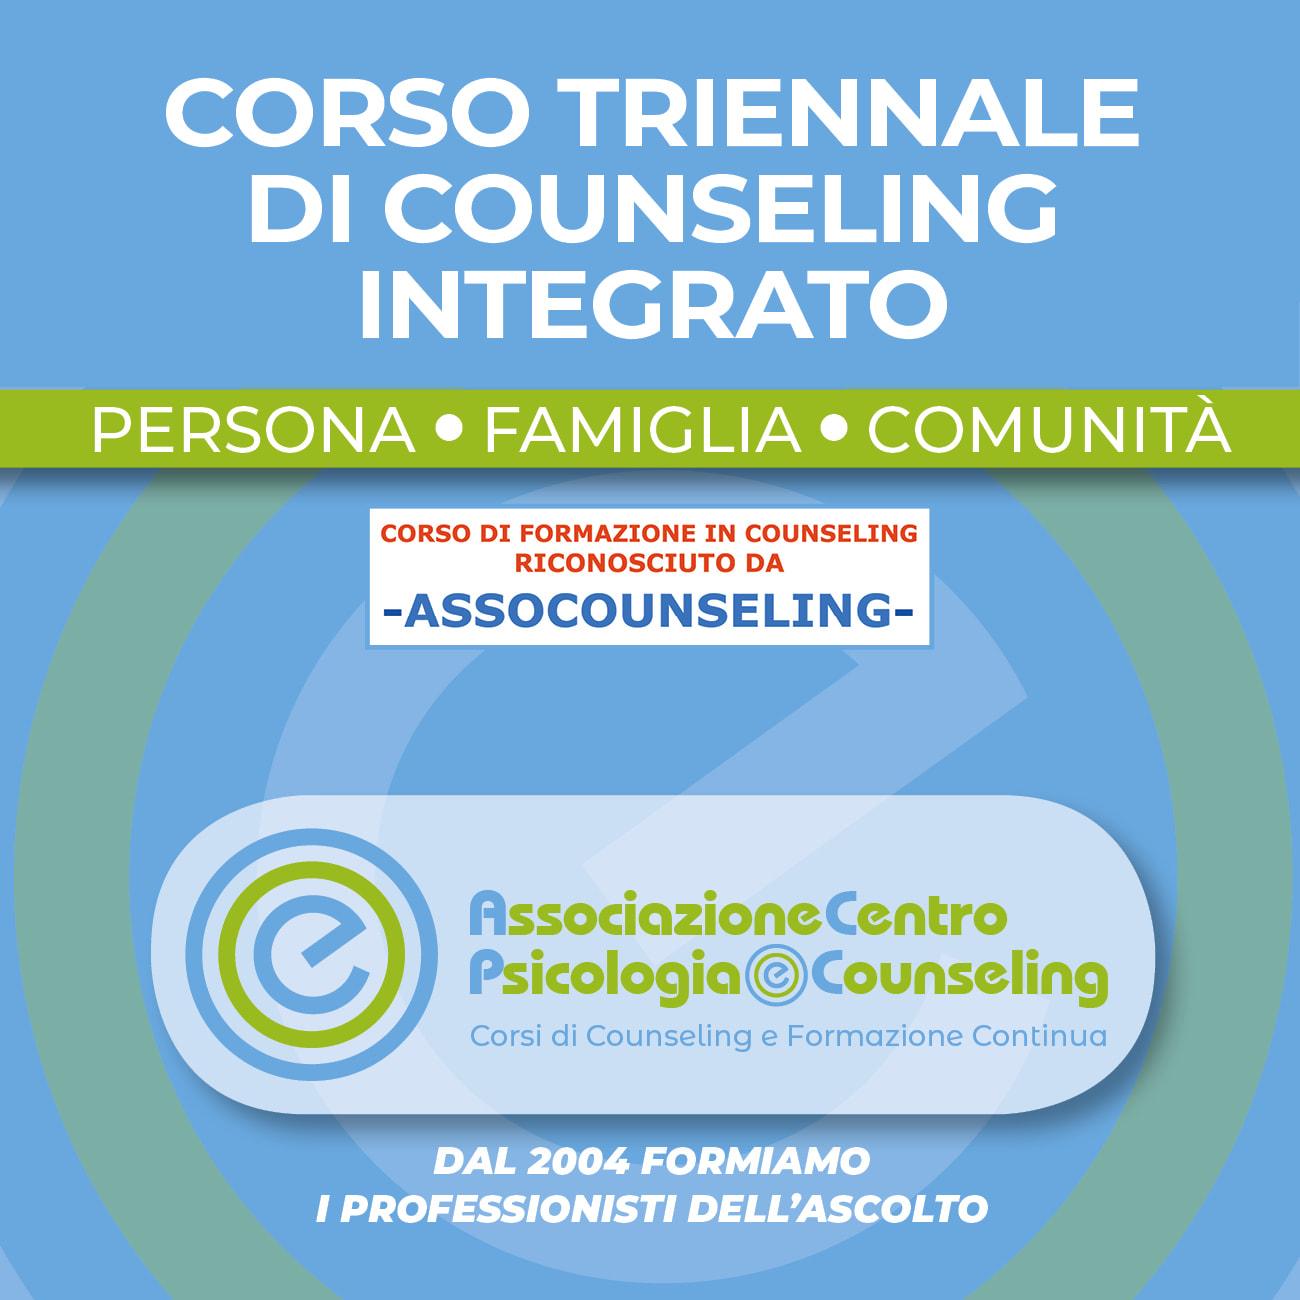 corso triennale di counseling integrato